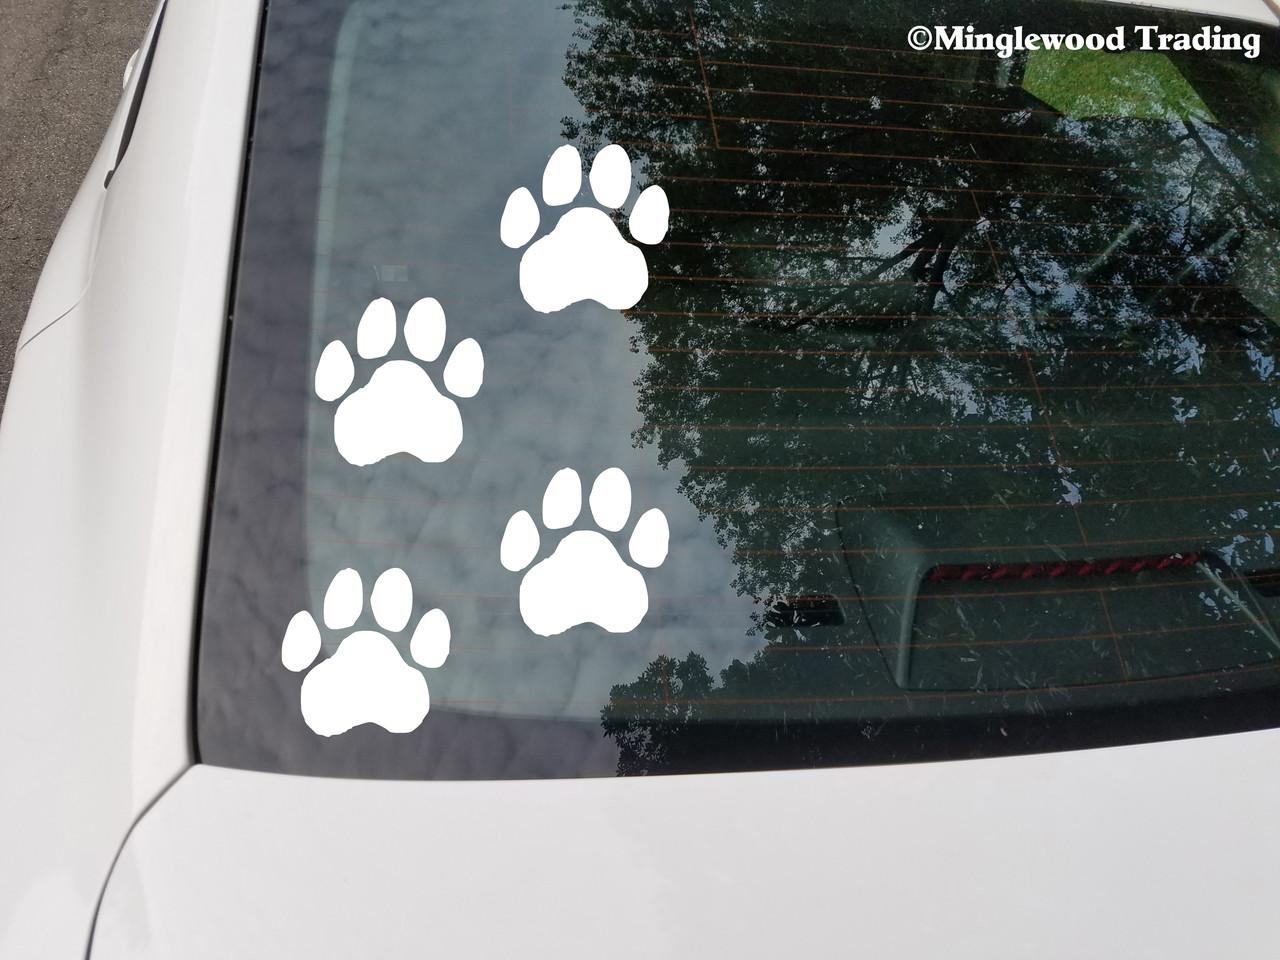 Jeep Dog Paw dog window vinyl decal Stickers Puppy Paw K9